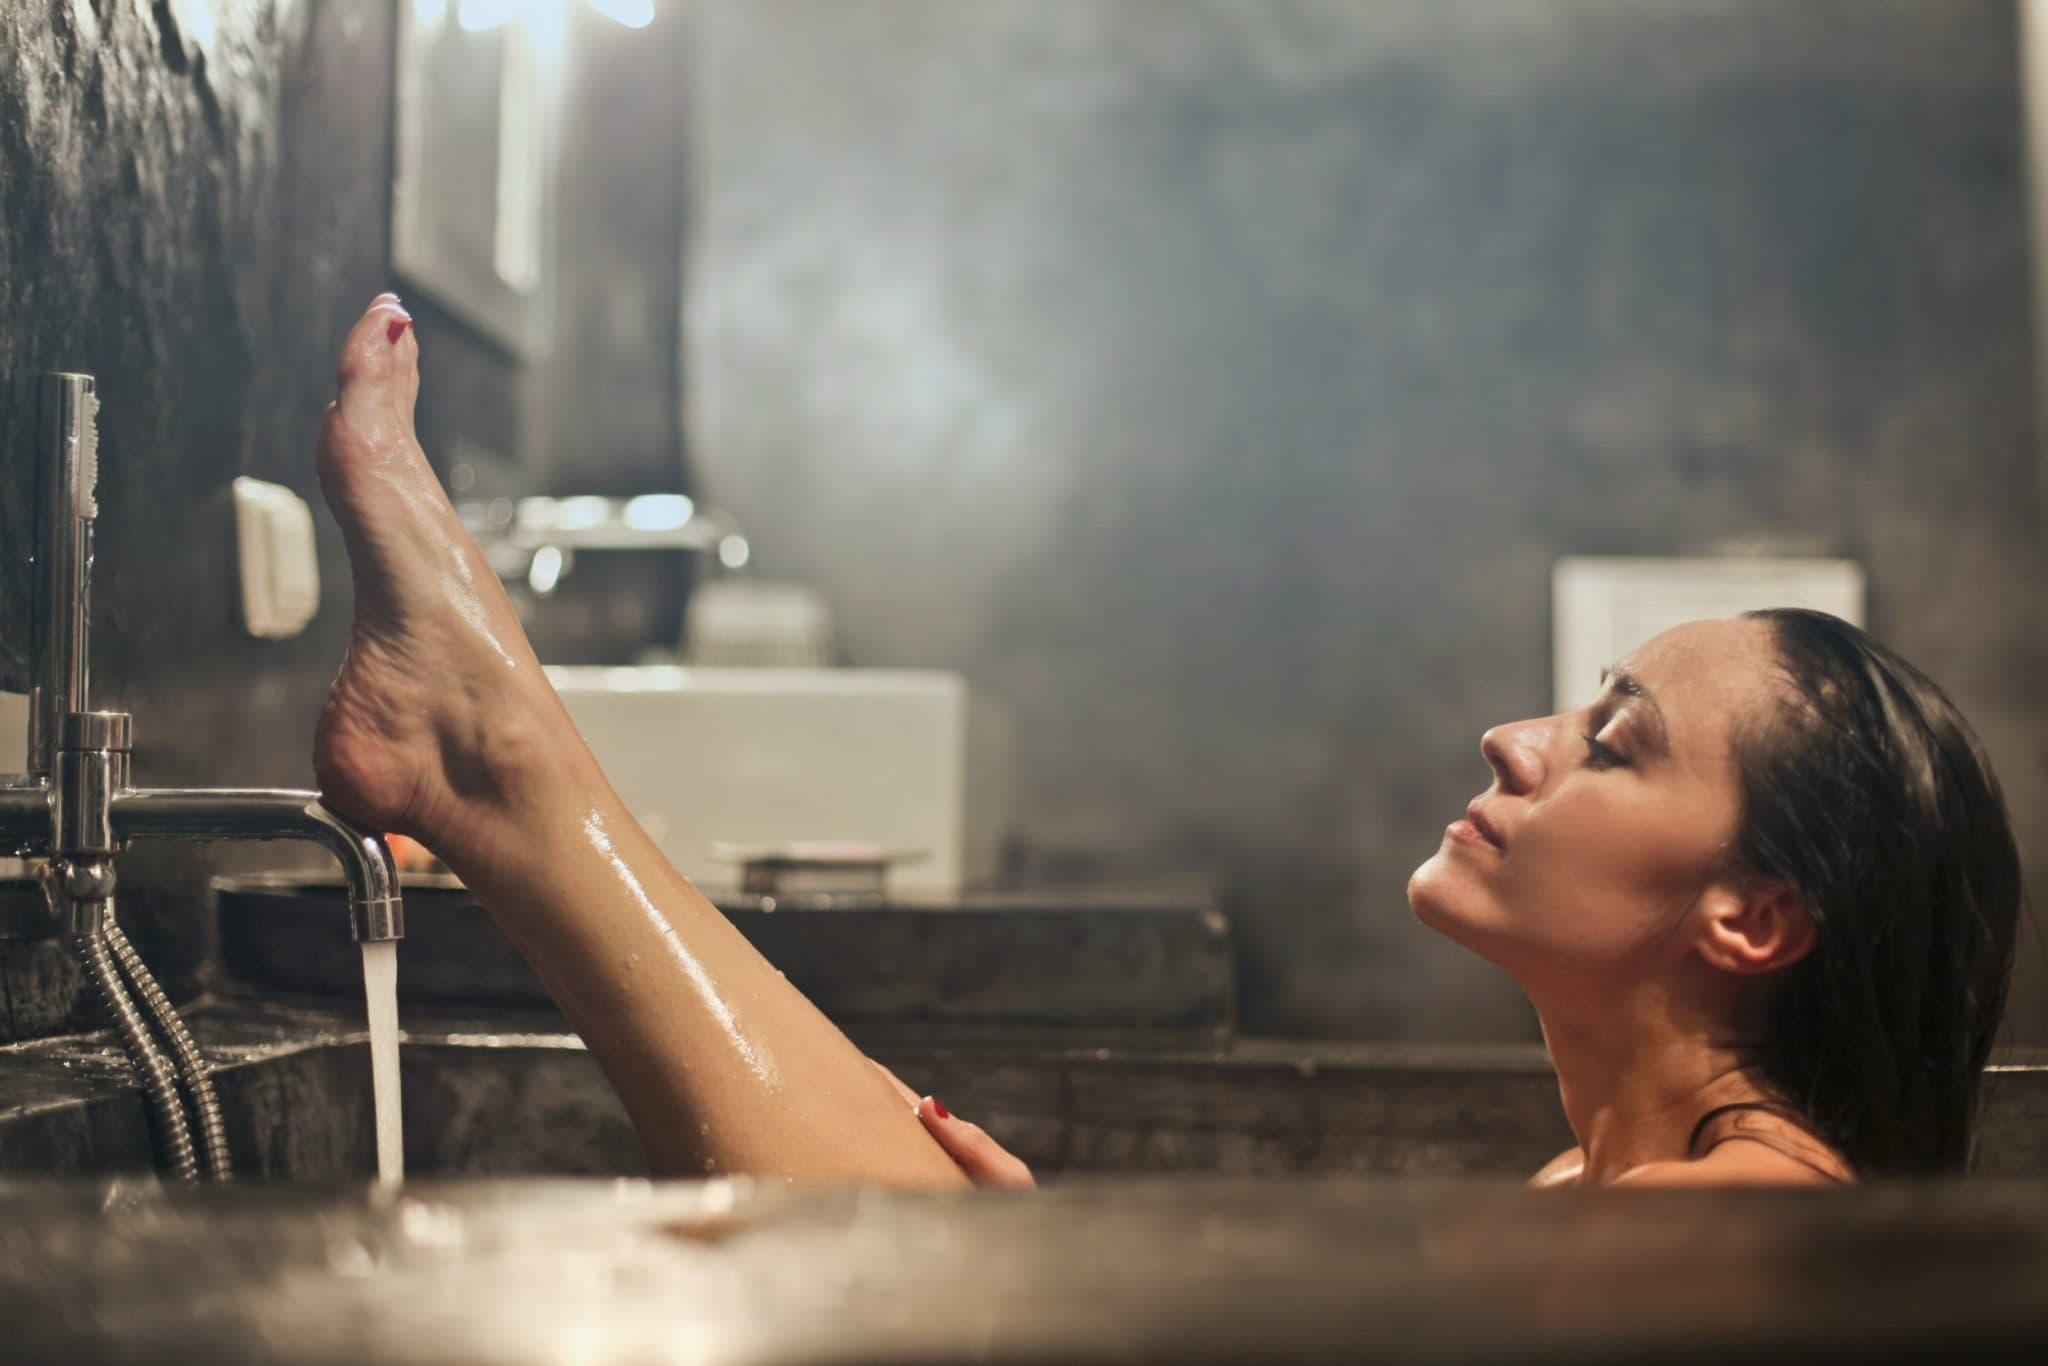 Eine Frau nimmt sich eine Auszeit in der Badewanne